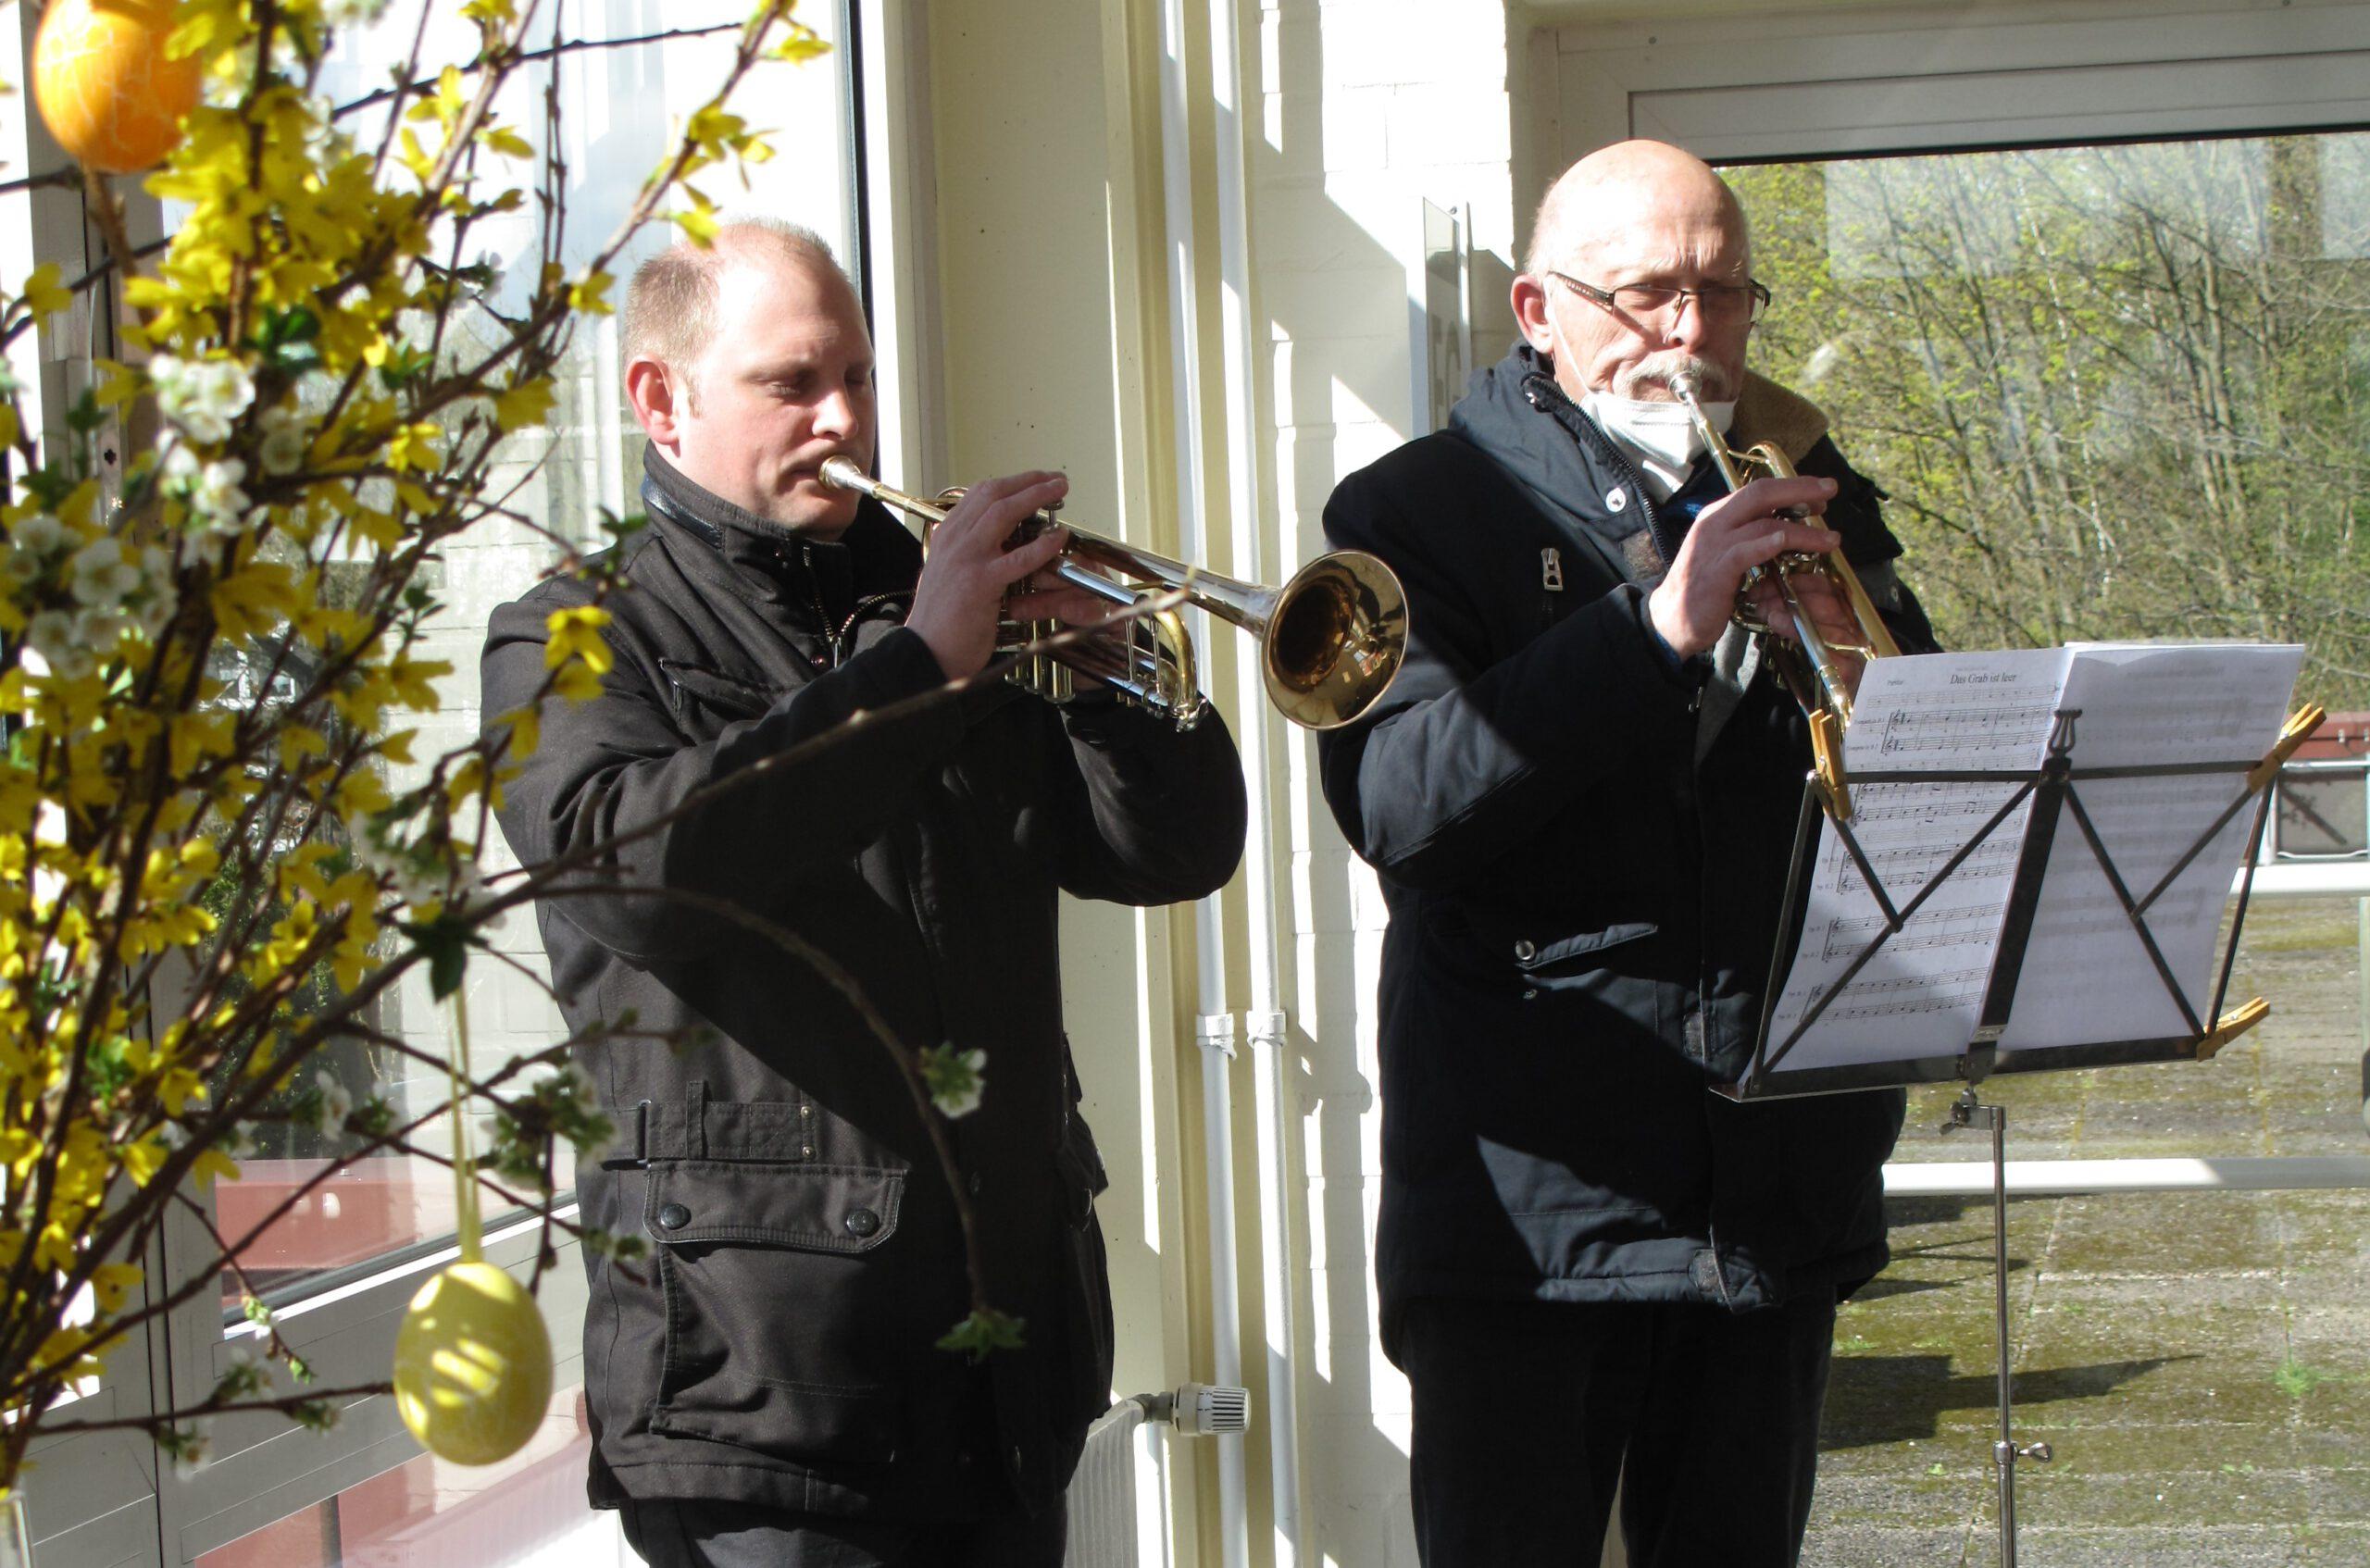 Foto: zwei Männer spielen Trompete